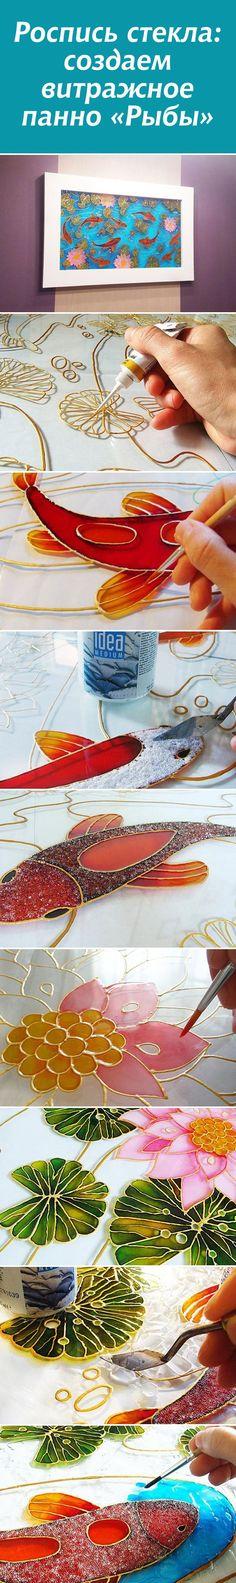 """Роспись стекла: создаем витражное панно """"Рыбы"""" #painting #diy #tutorial #fish:"""